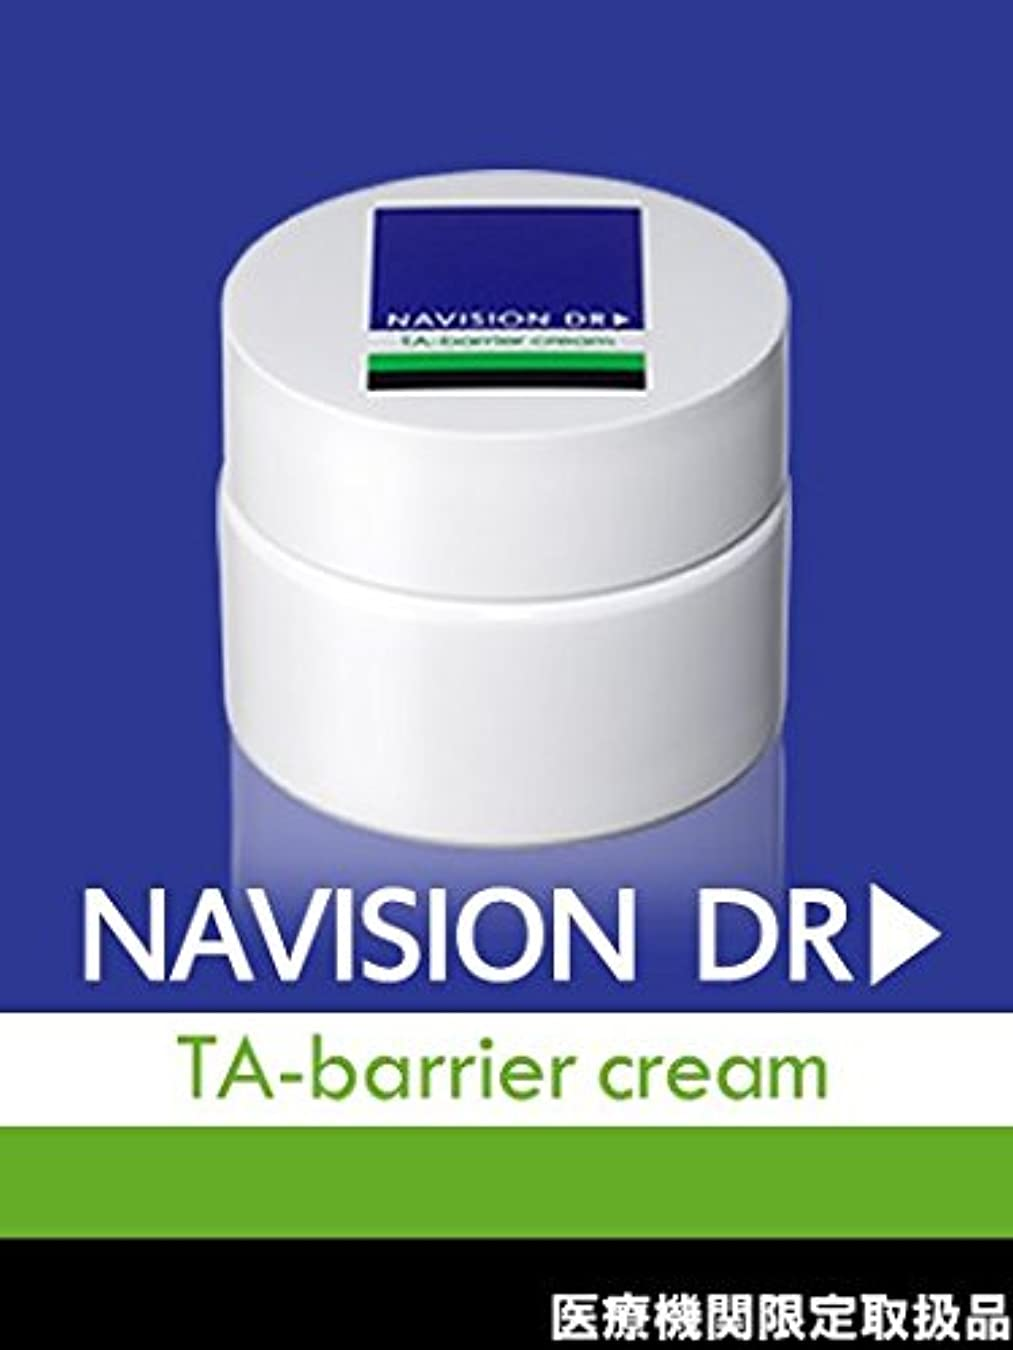 古風なやりがいのある摩擦NAVISION DR? ナビジョンDR TAバリアクリーム(医薬部外品) 25g 【医療機関限定取扱品】